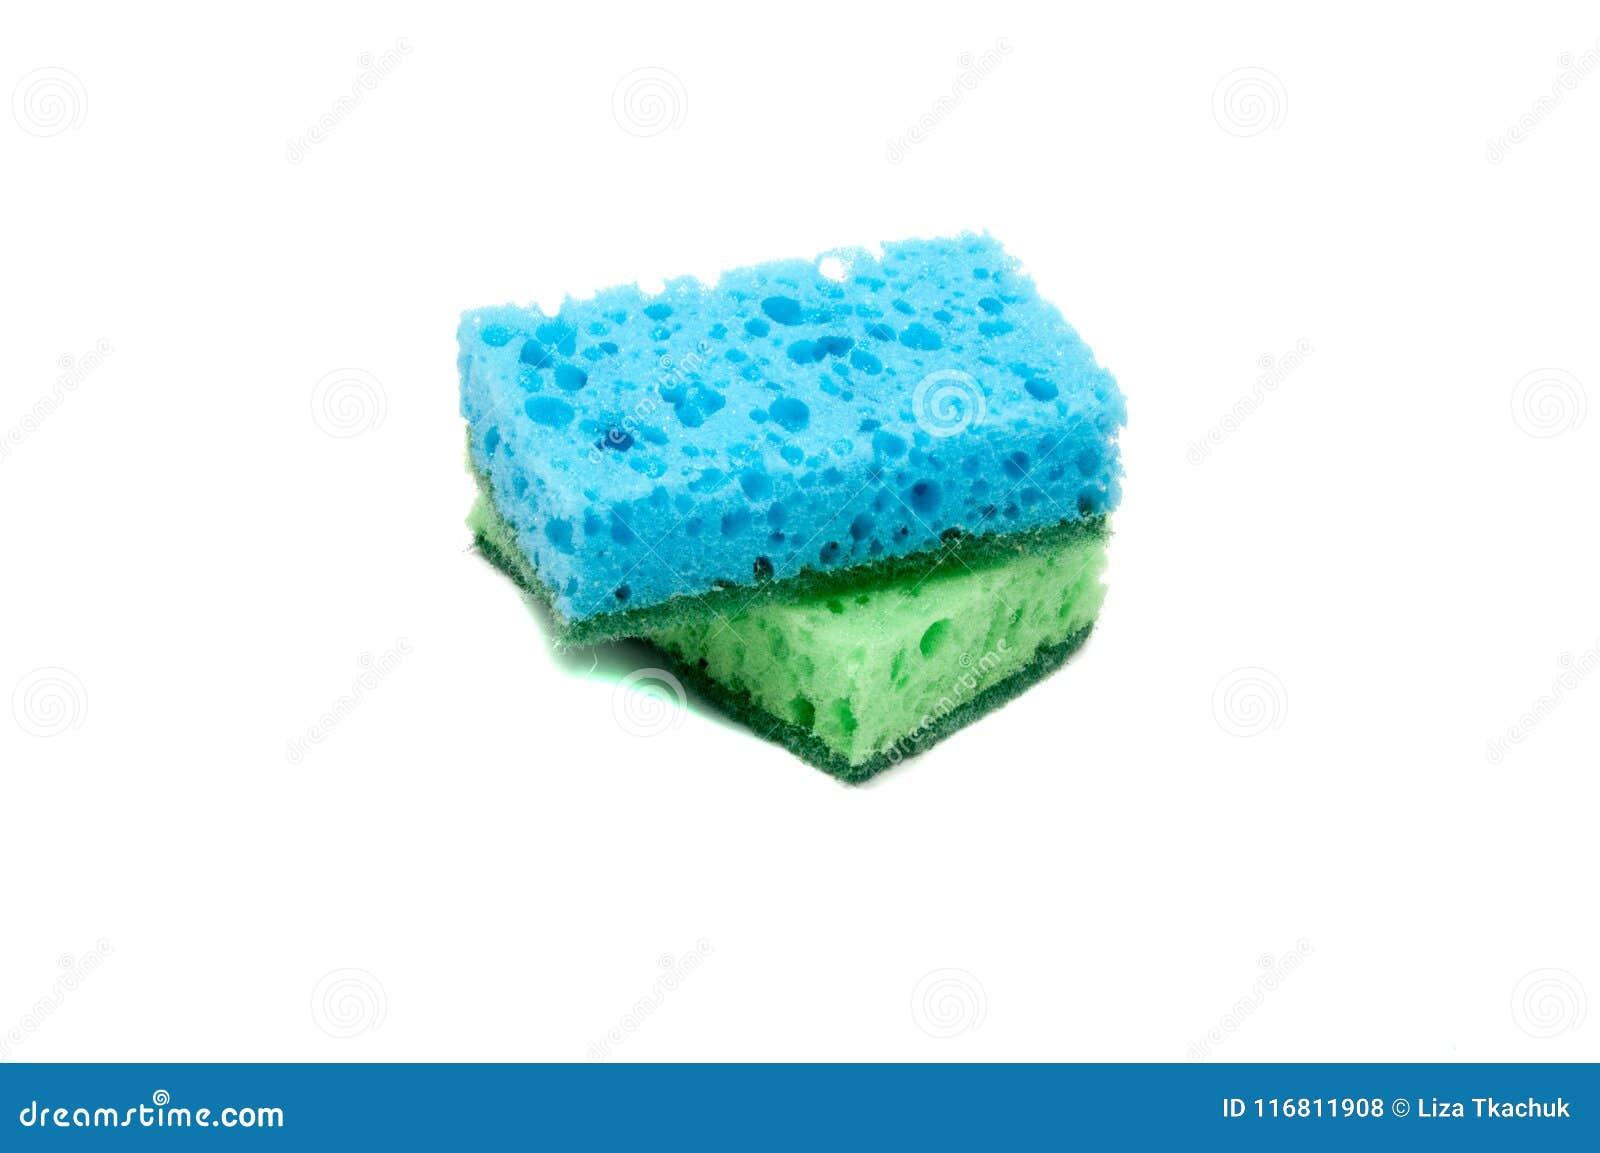 Kitchen Sponge For Dish Isolated Stock Photo - Image of dish, sponge ...